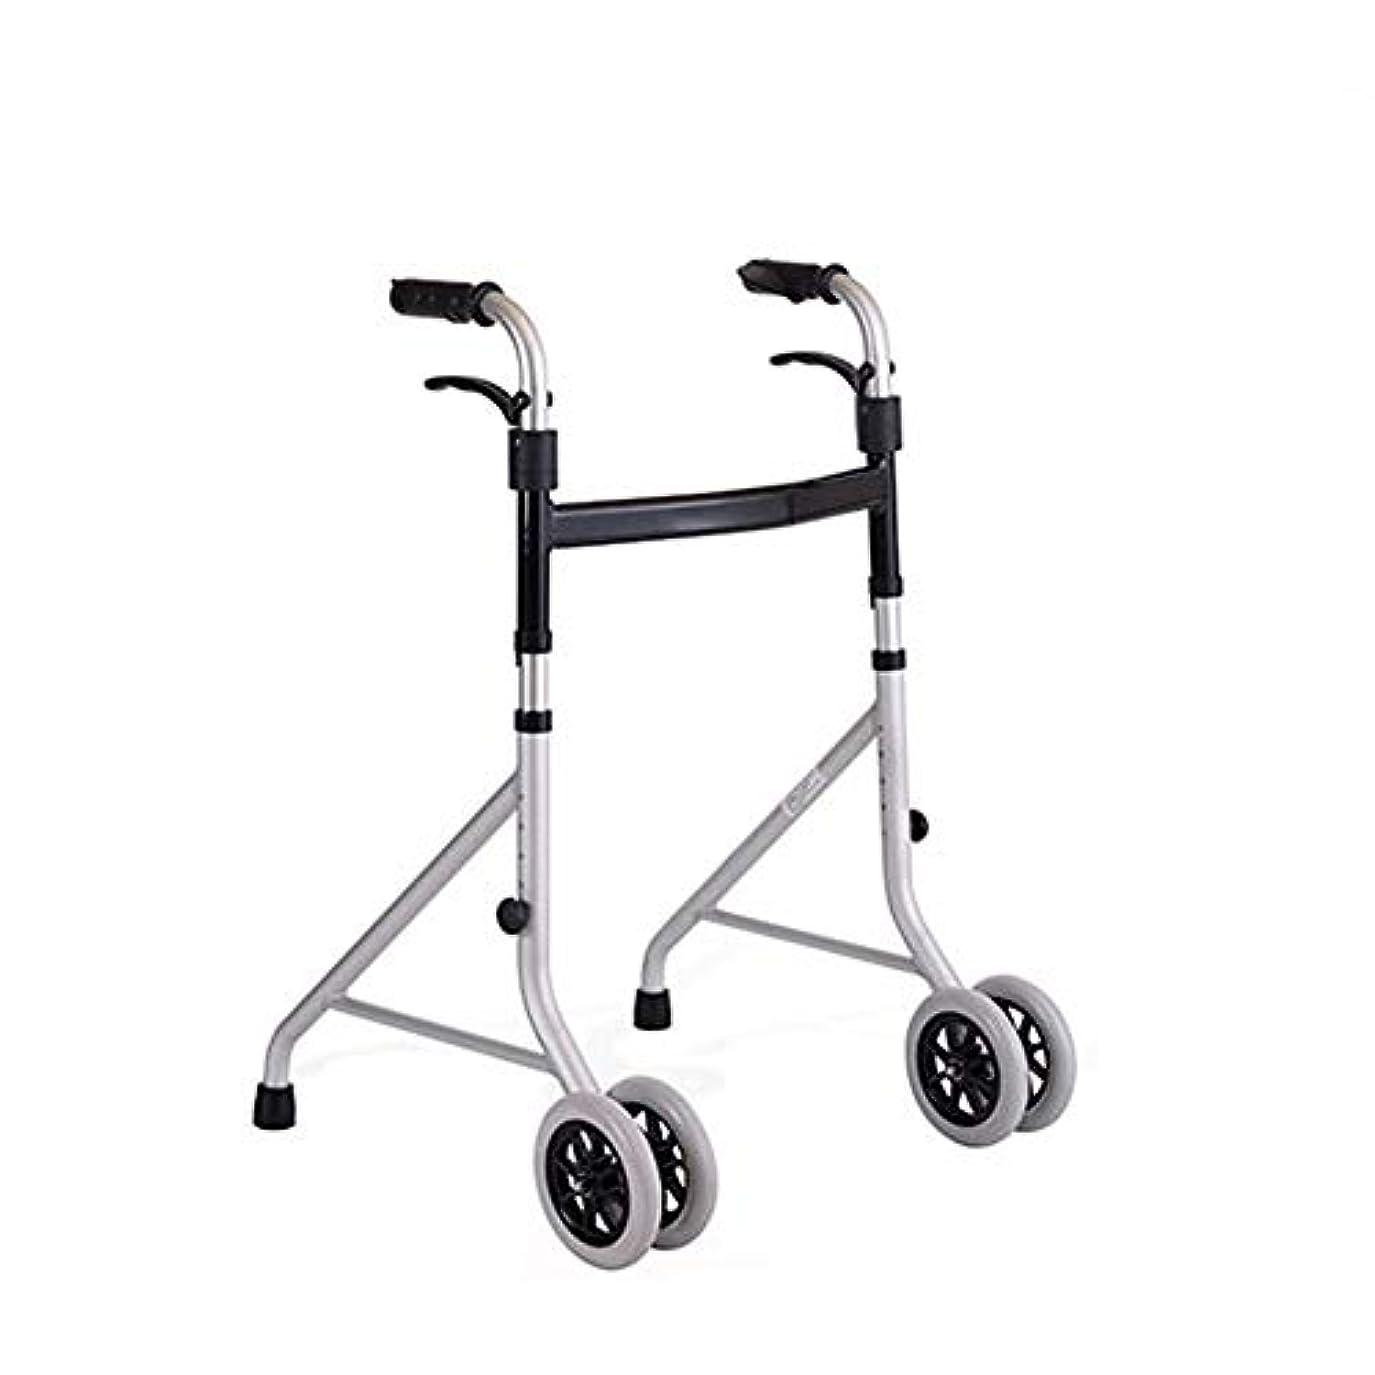 噴出するハイランドコーラス折りたたみ式軽量アルミニウム歩行フレーム/ジマー/ 4車輪付き歩行器-高さ調節可能 (Color : Gray)